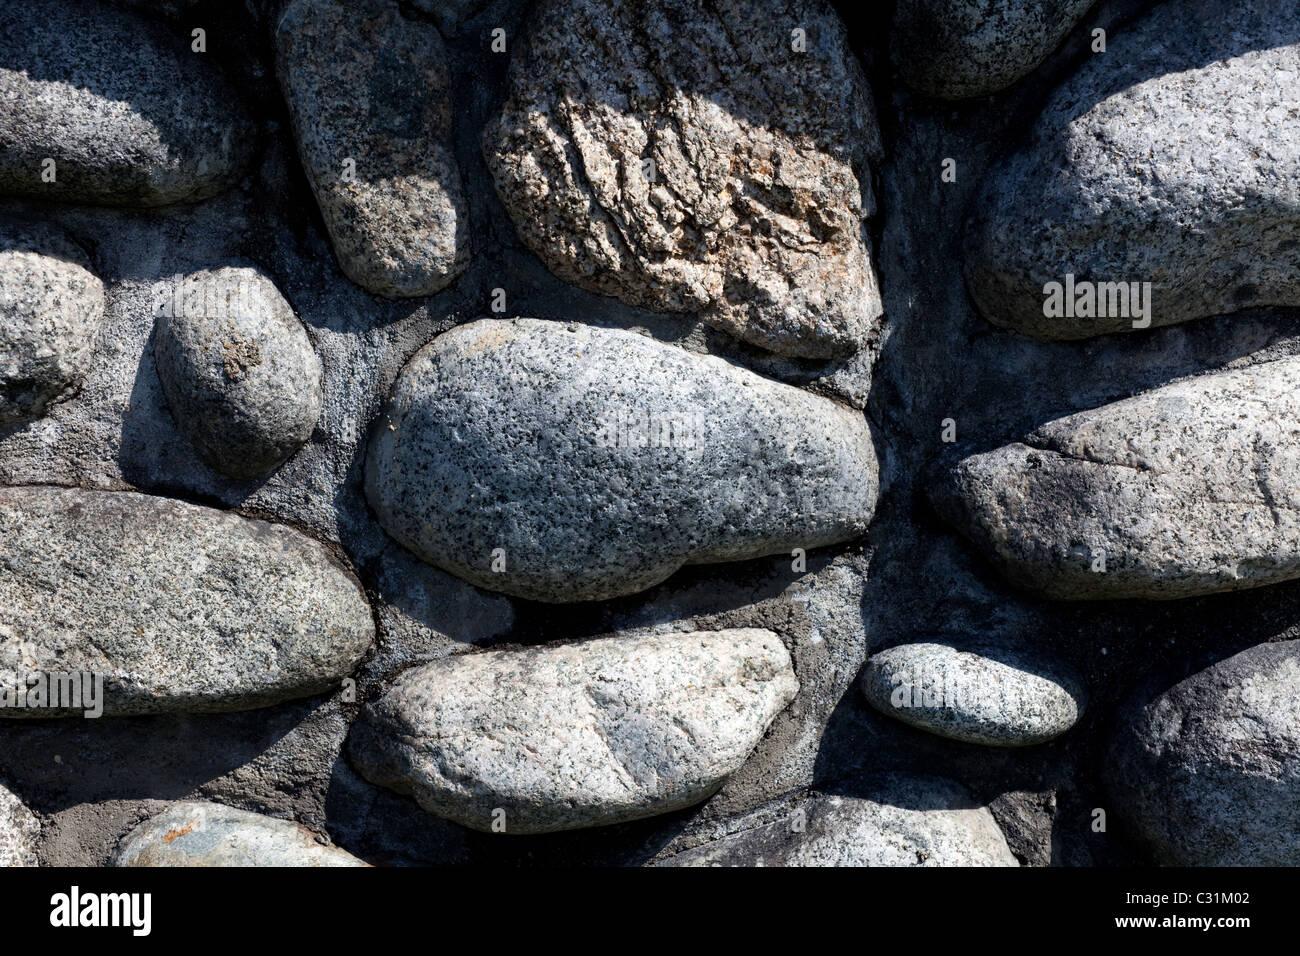 La rivière mur arrondi des roches de fond Photo Stock